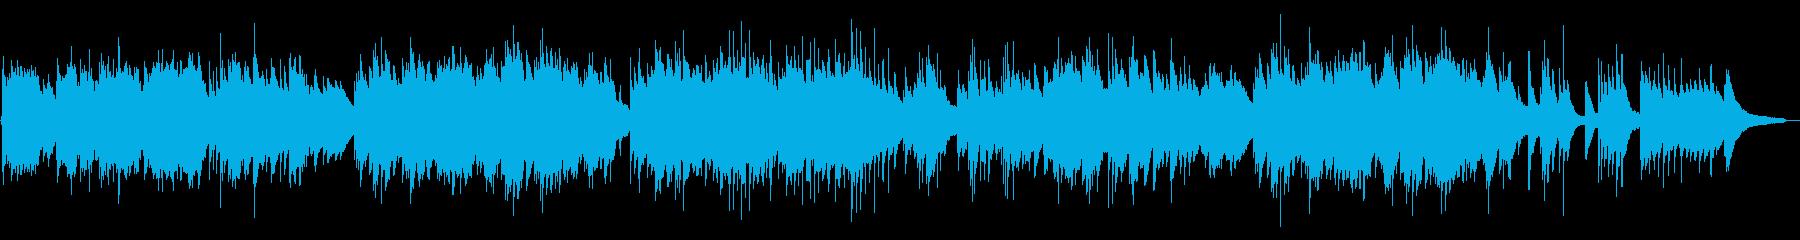 穏やかでウェディング向きのピアノ曲の再生済みの波形